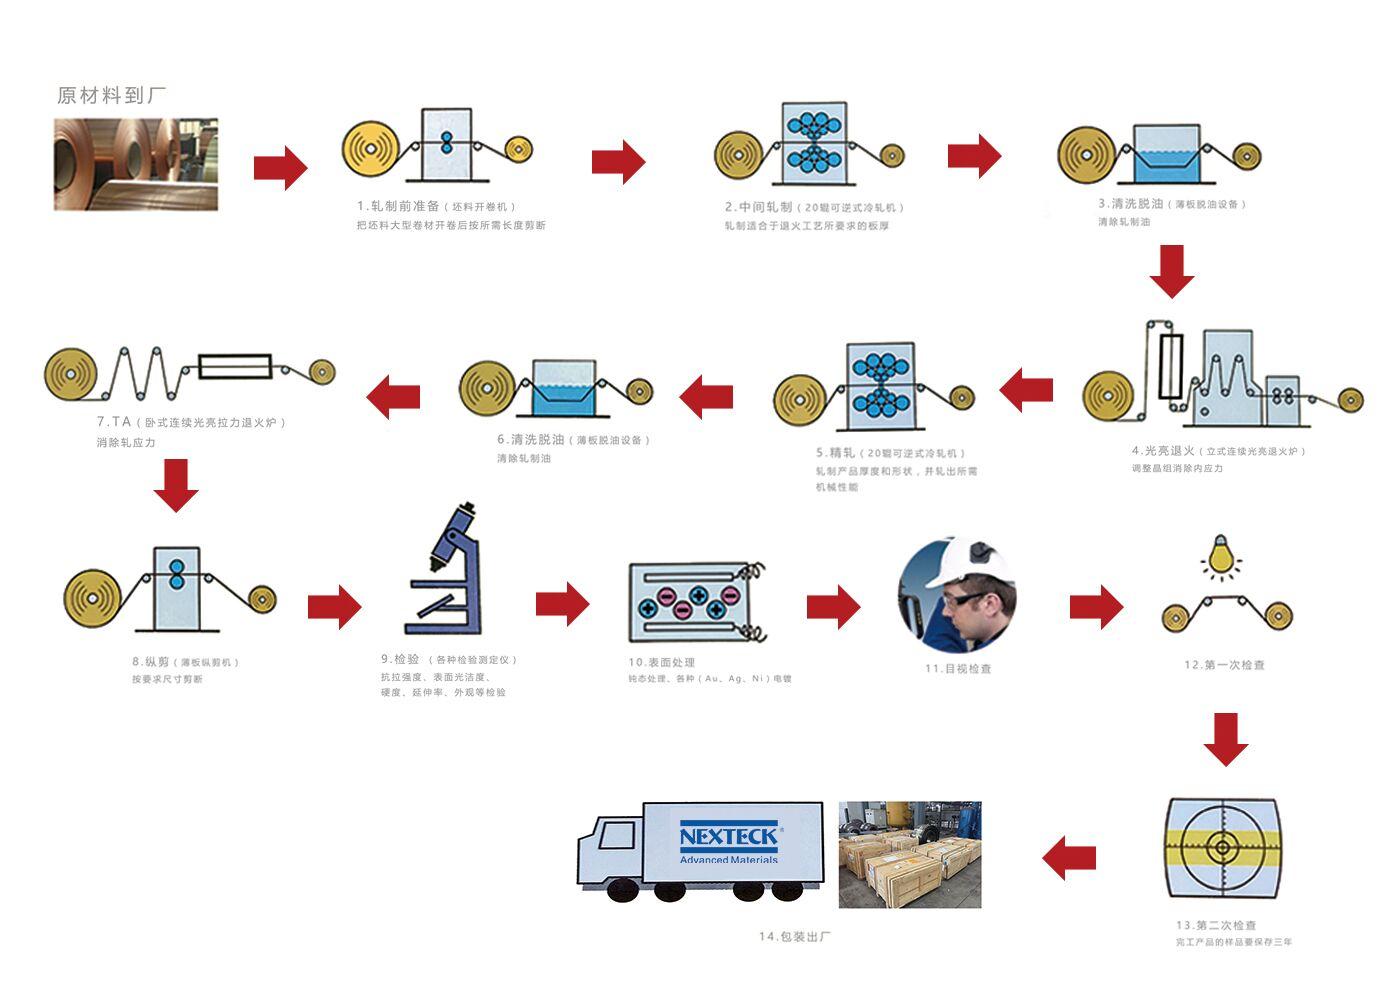 合金材料生产流程